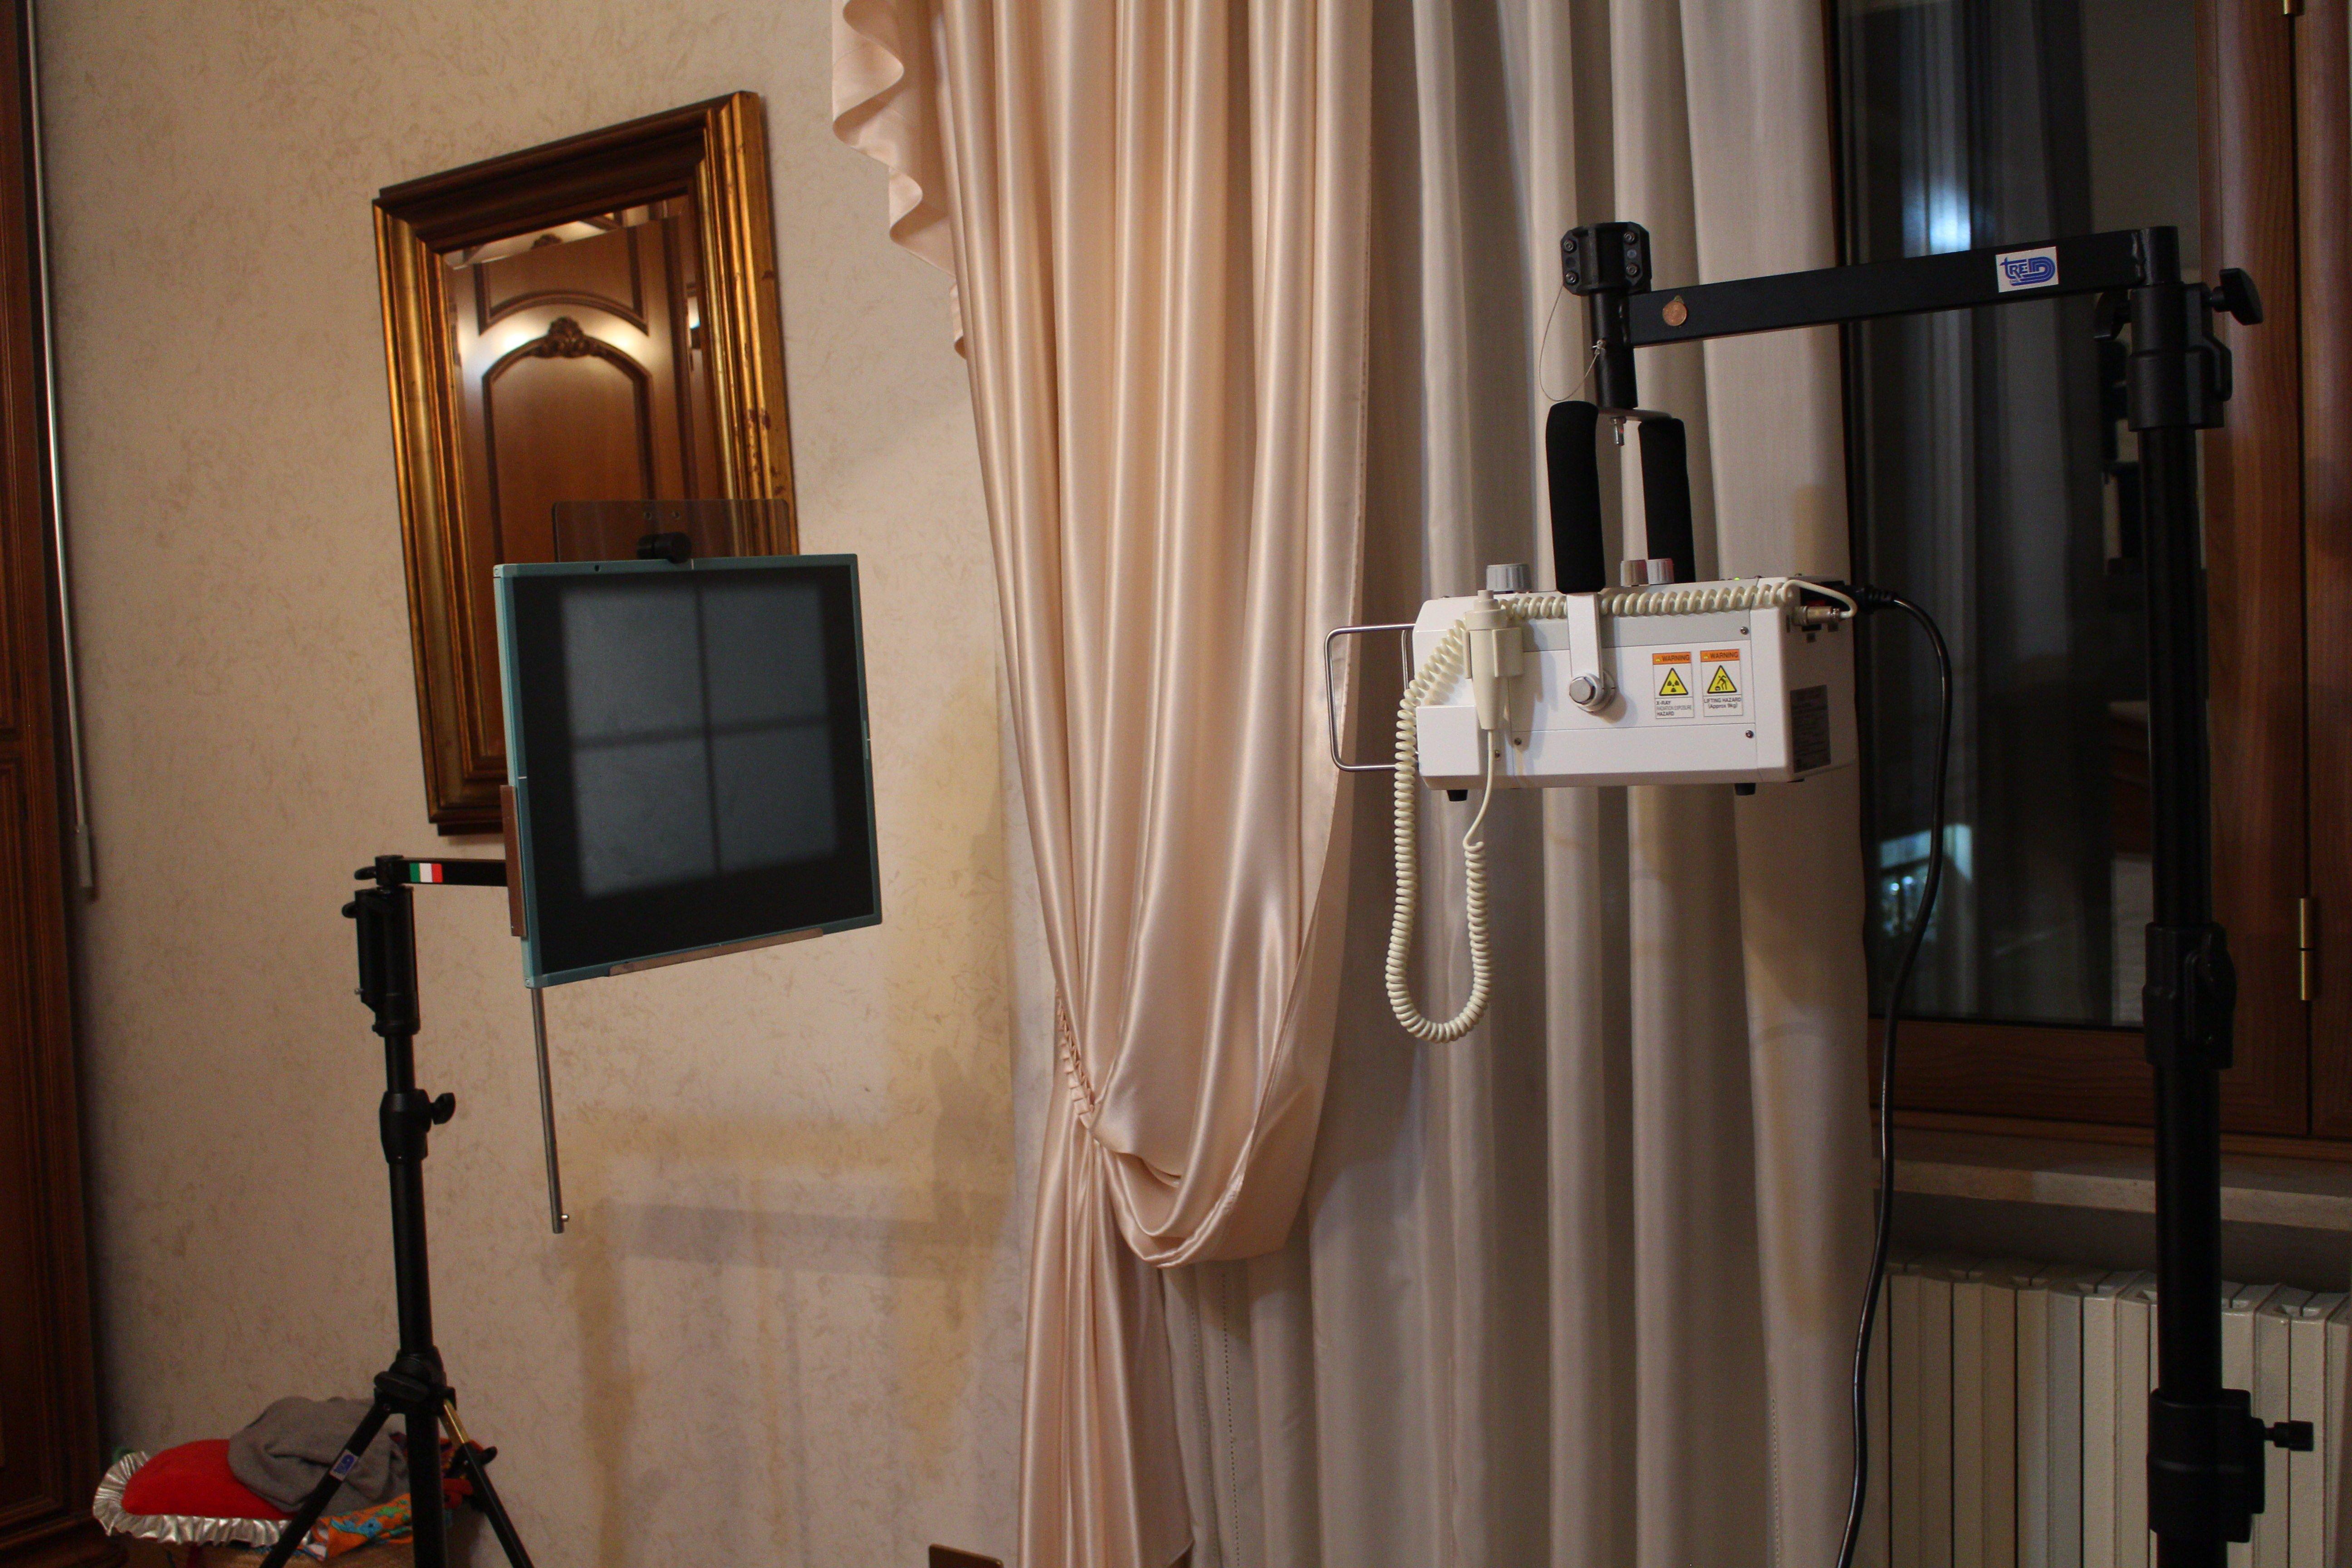 macchinari per la radiologia a casa